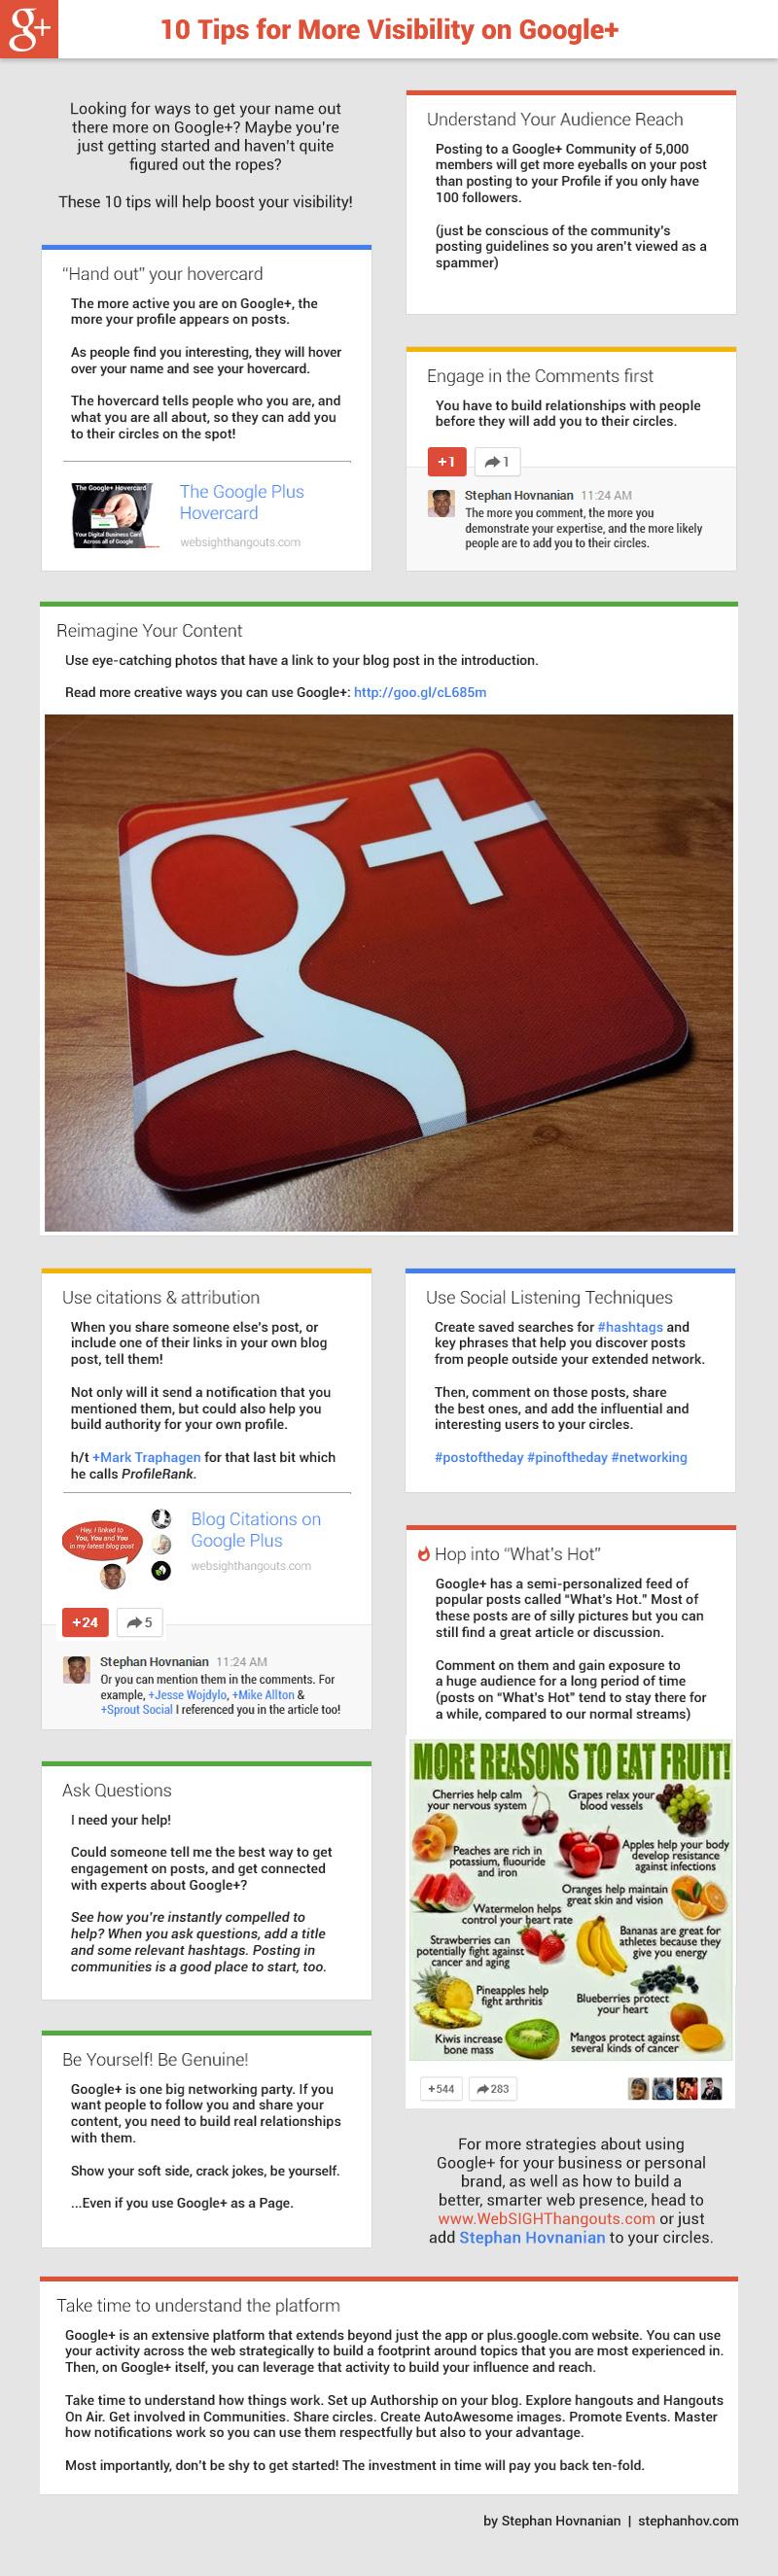 10 consejos para aumentar tu visibilidad en Google +